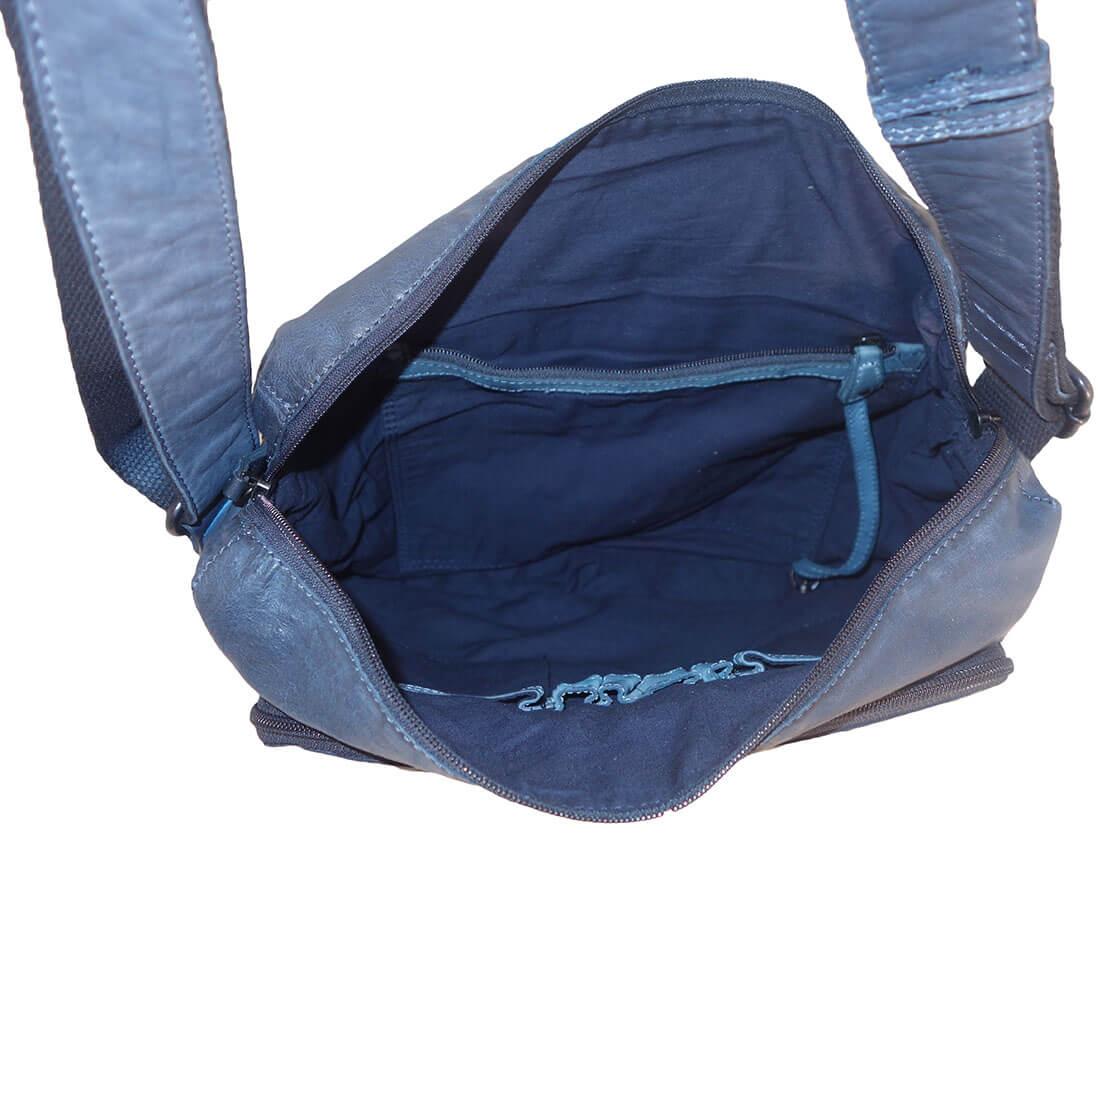 Schoudertas A4 : Voi crossover schoudertas a donkerblauw kopen